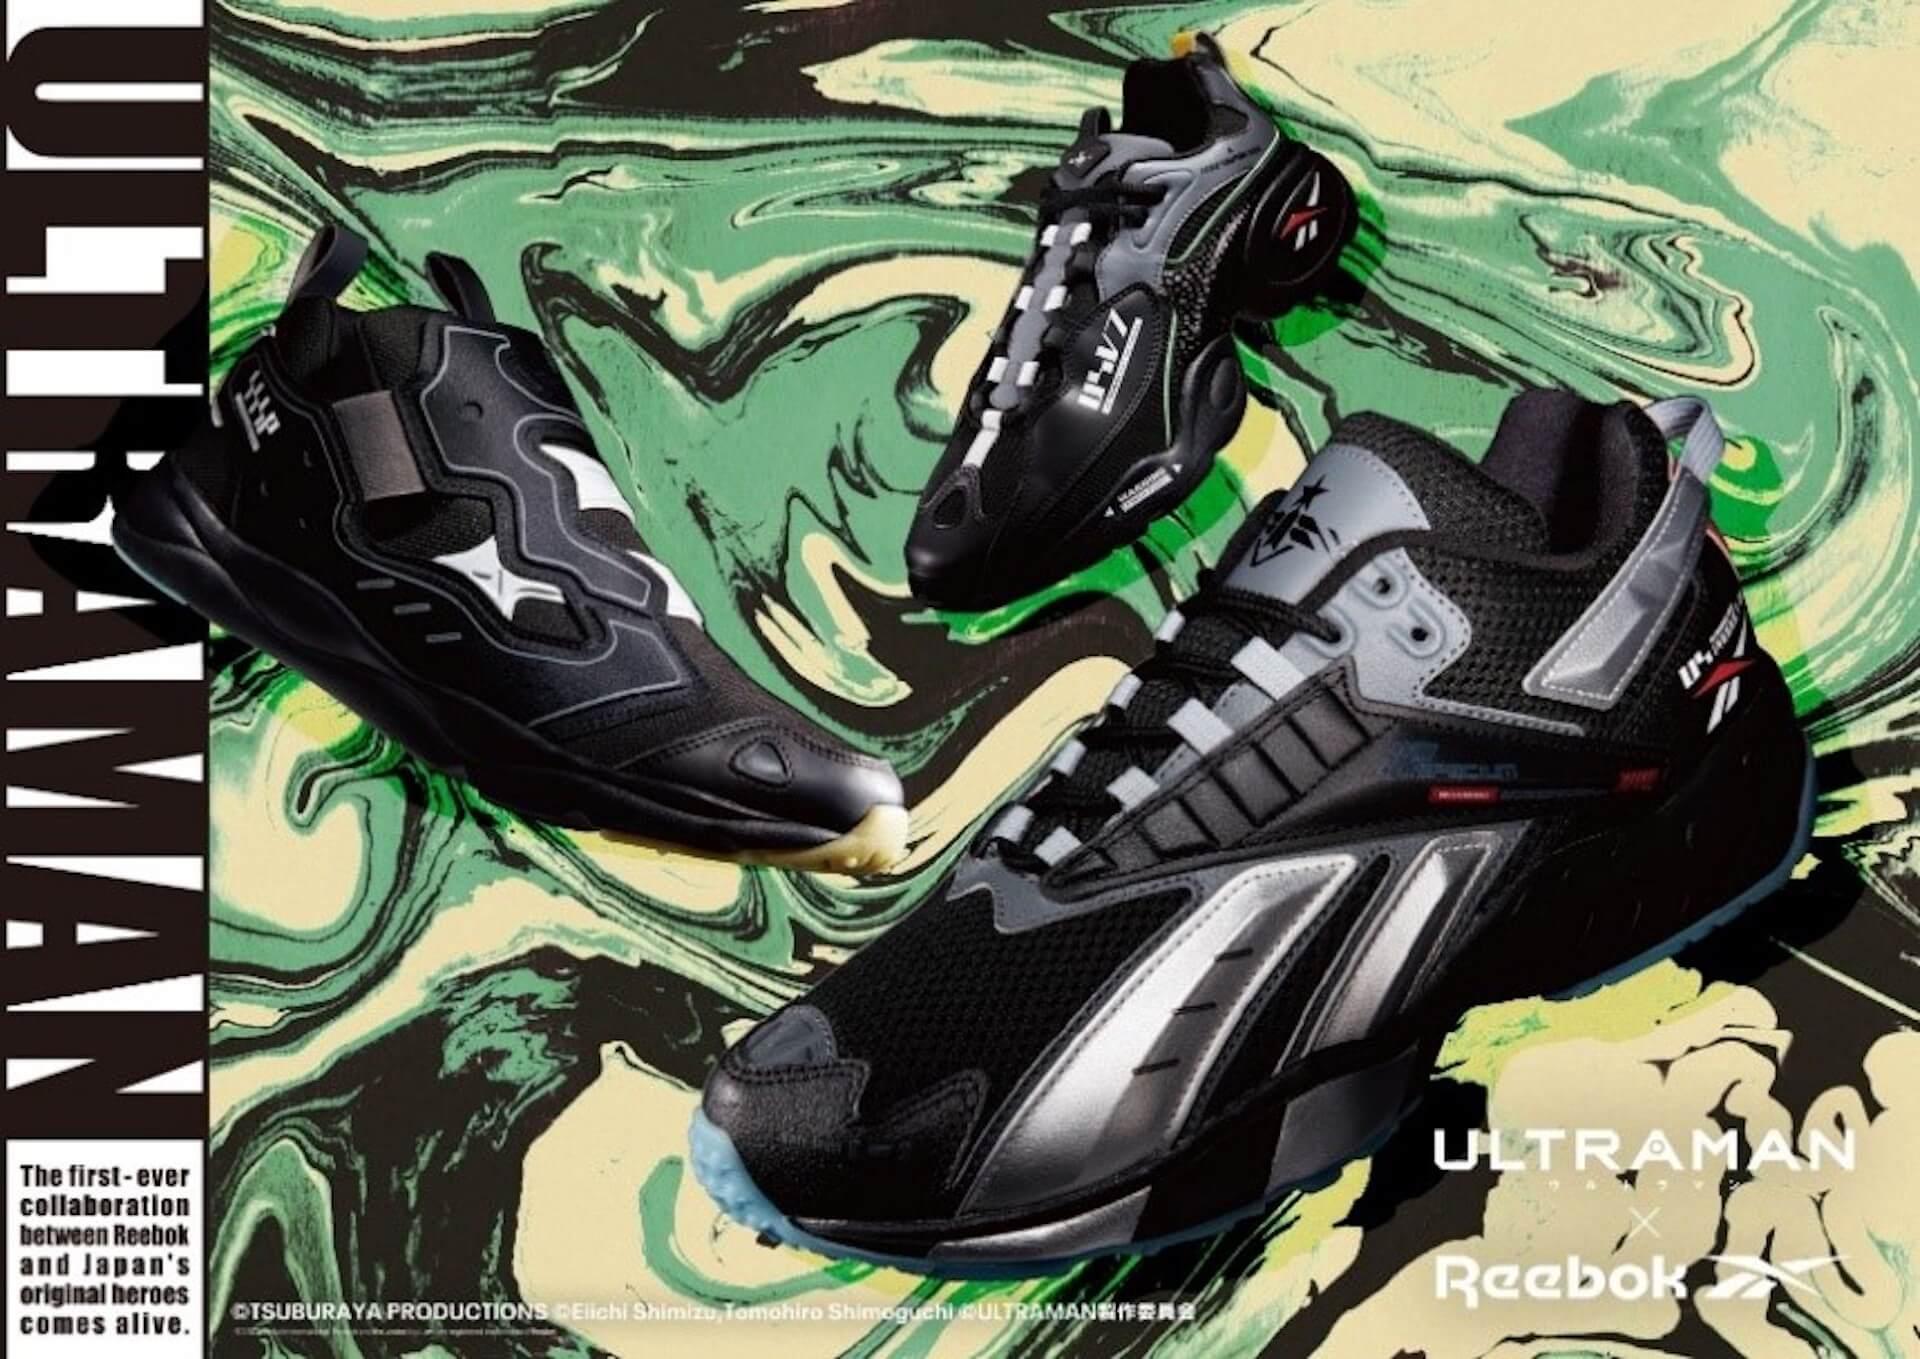 リーボックとULTRAMANのコラボコレクション「Reebok×ULTRAMAN」が日本限定で発売決定!闘うヒーローたちをモチーフにしたデザインに fashion2020917-ULTRAMAN1